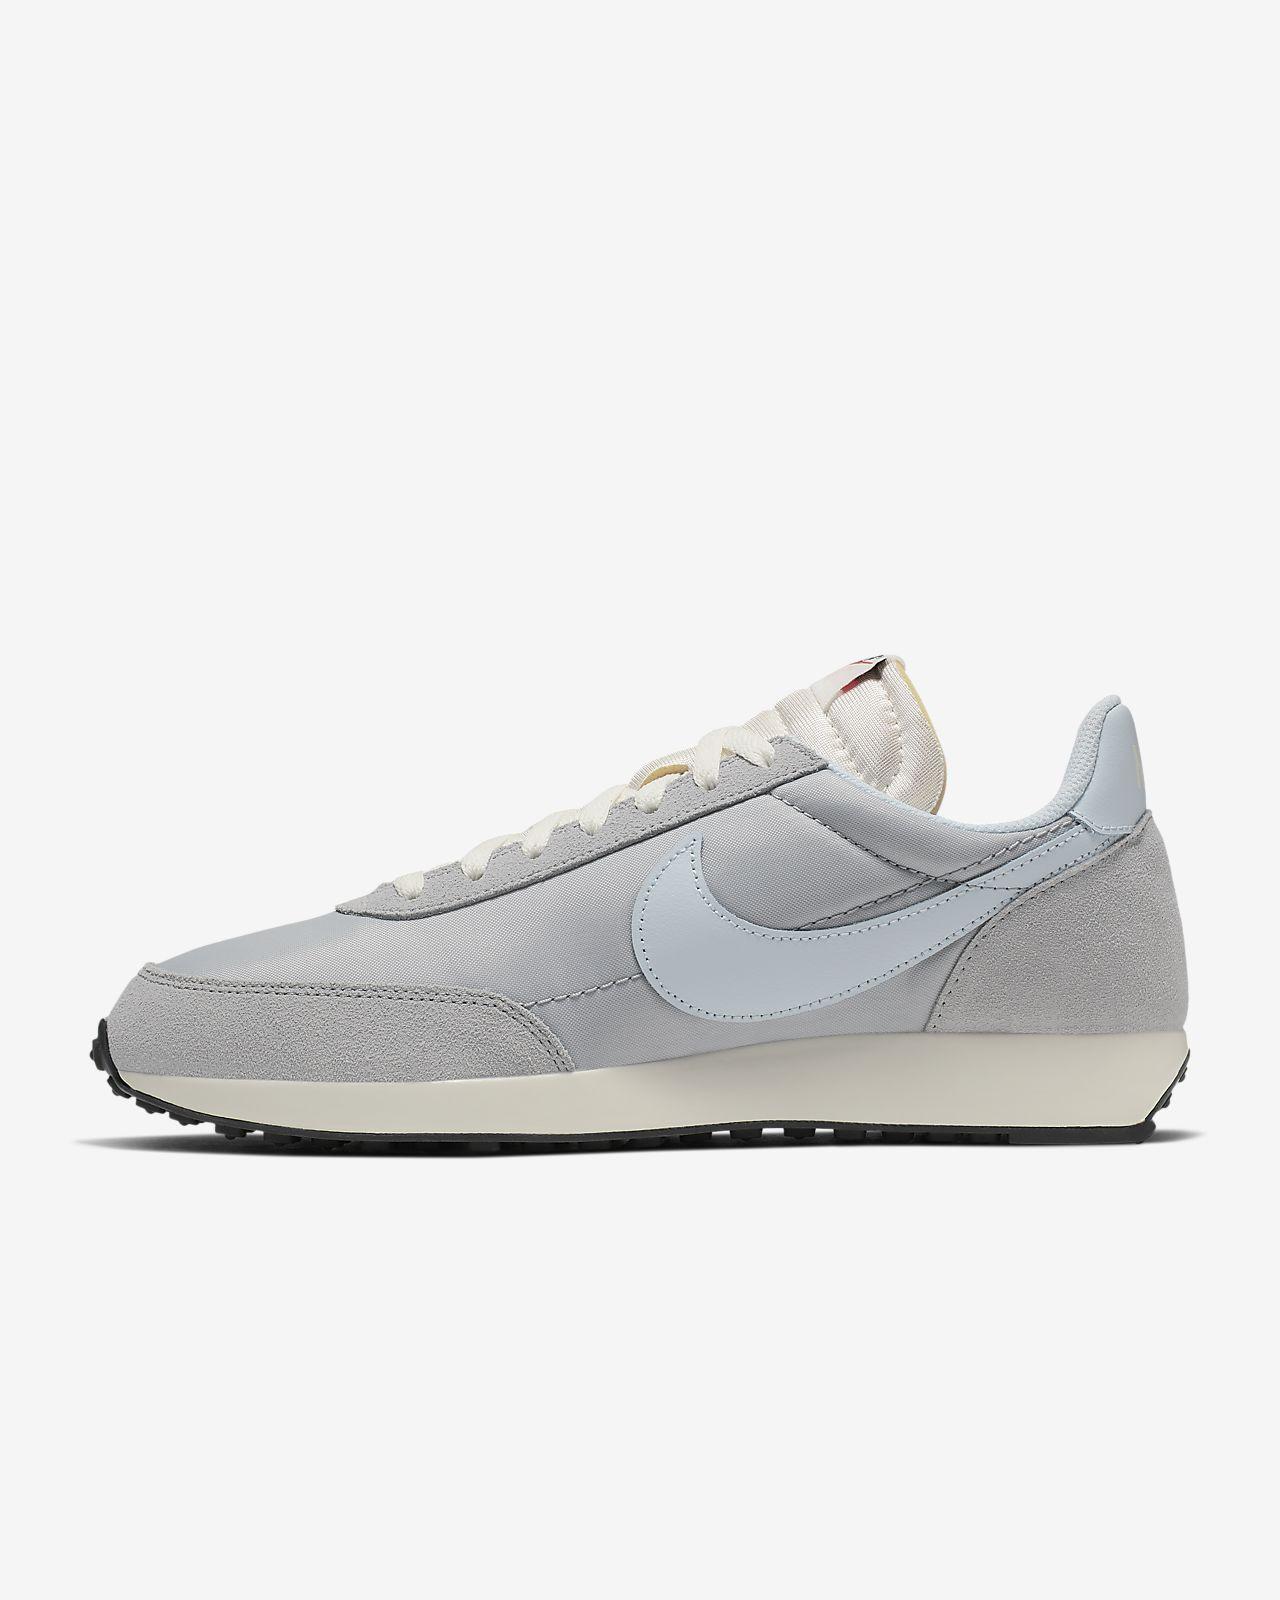 sale retailer 4c0d5 fd194 Nike Air Tailwind 79 Shoe